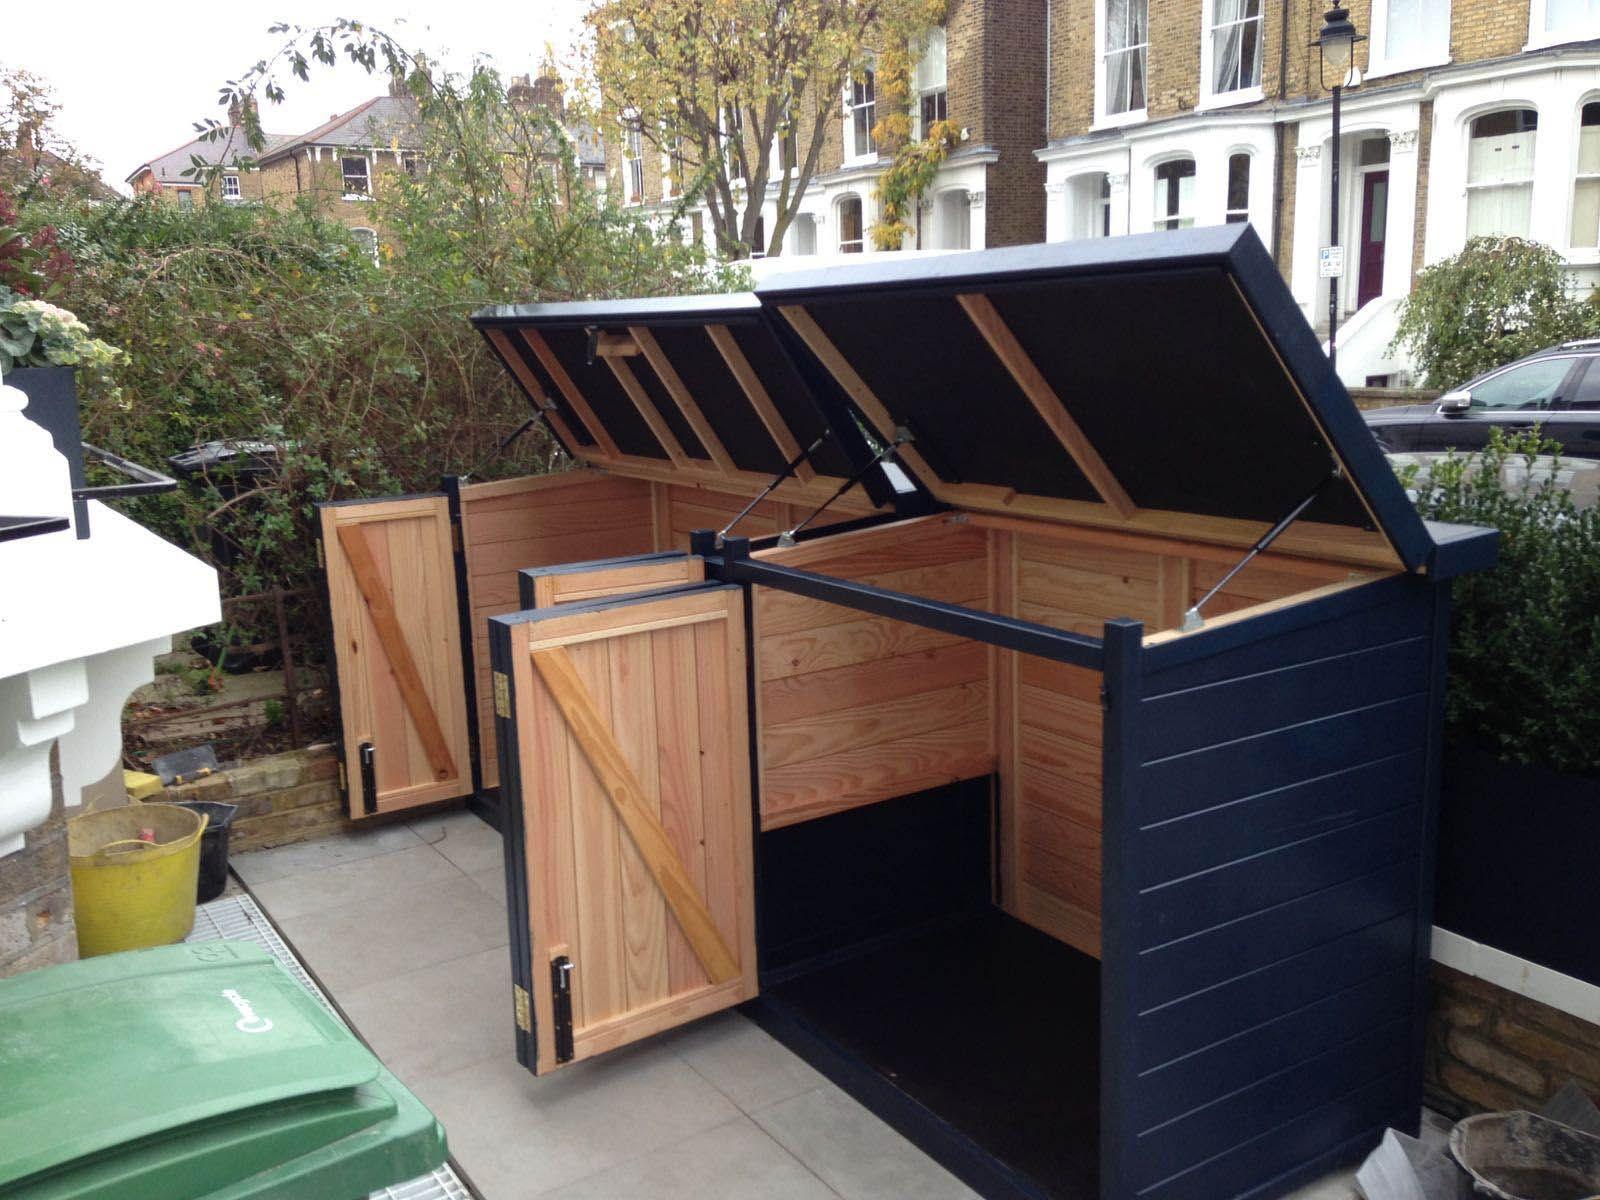 Artistic Patio Area Storage Space Ideas Patio Storage Outdoor